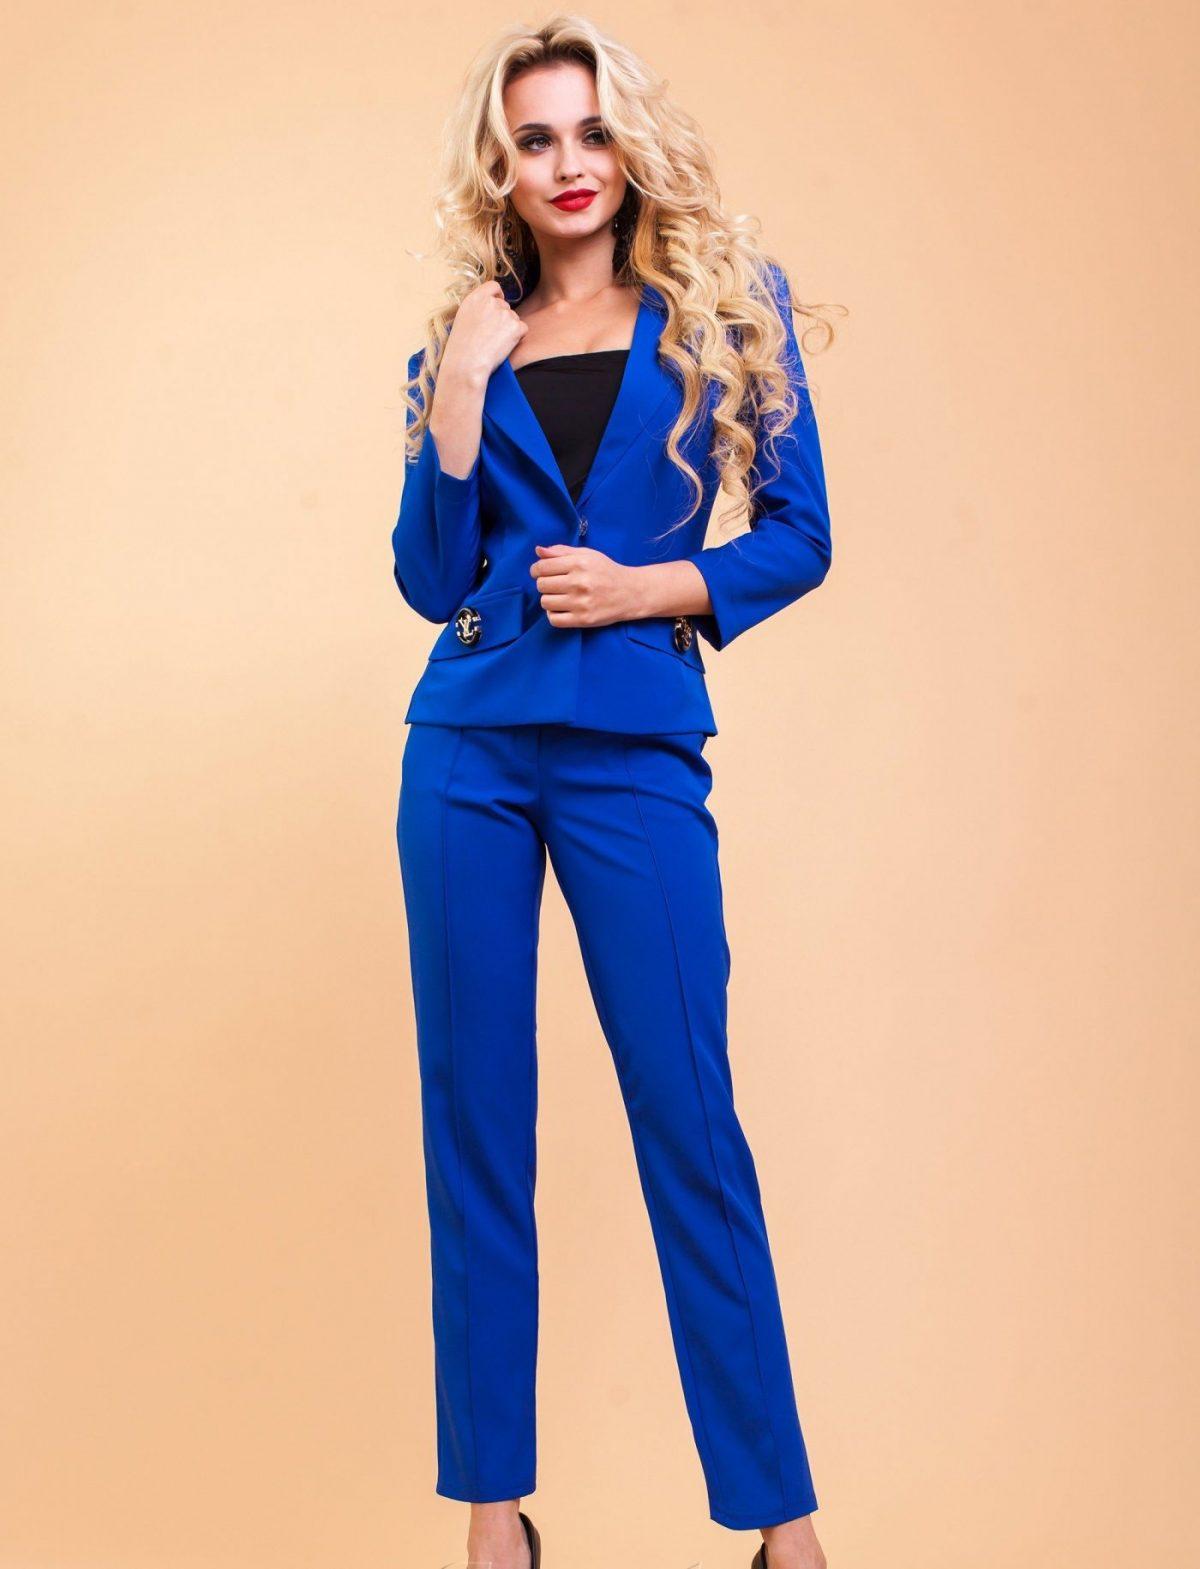 модные яркие костюмы синий женский 2018